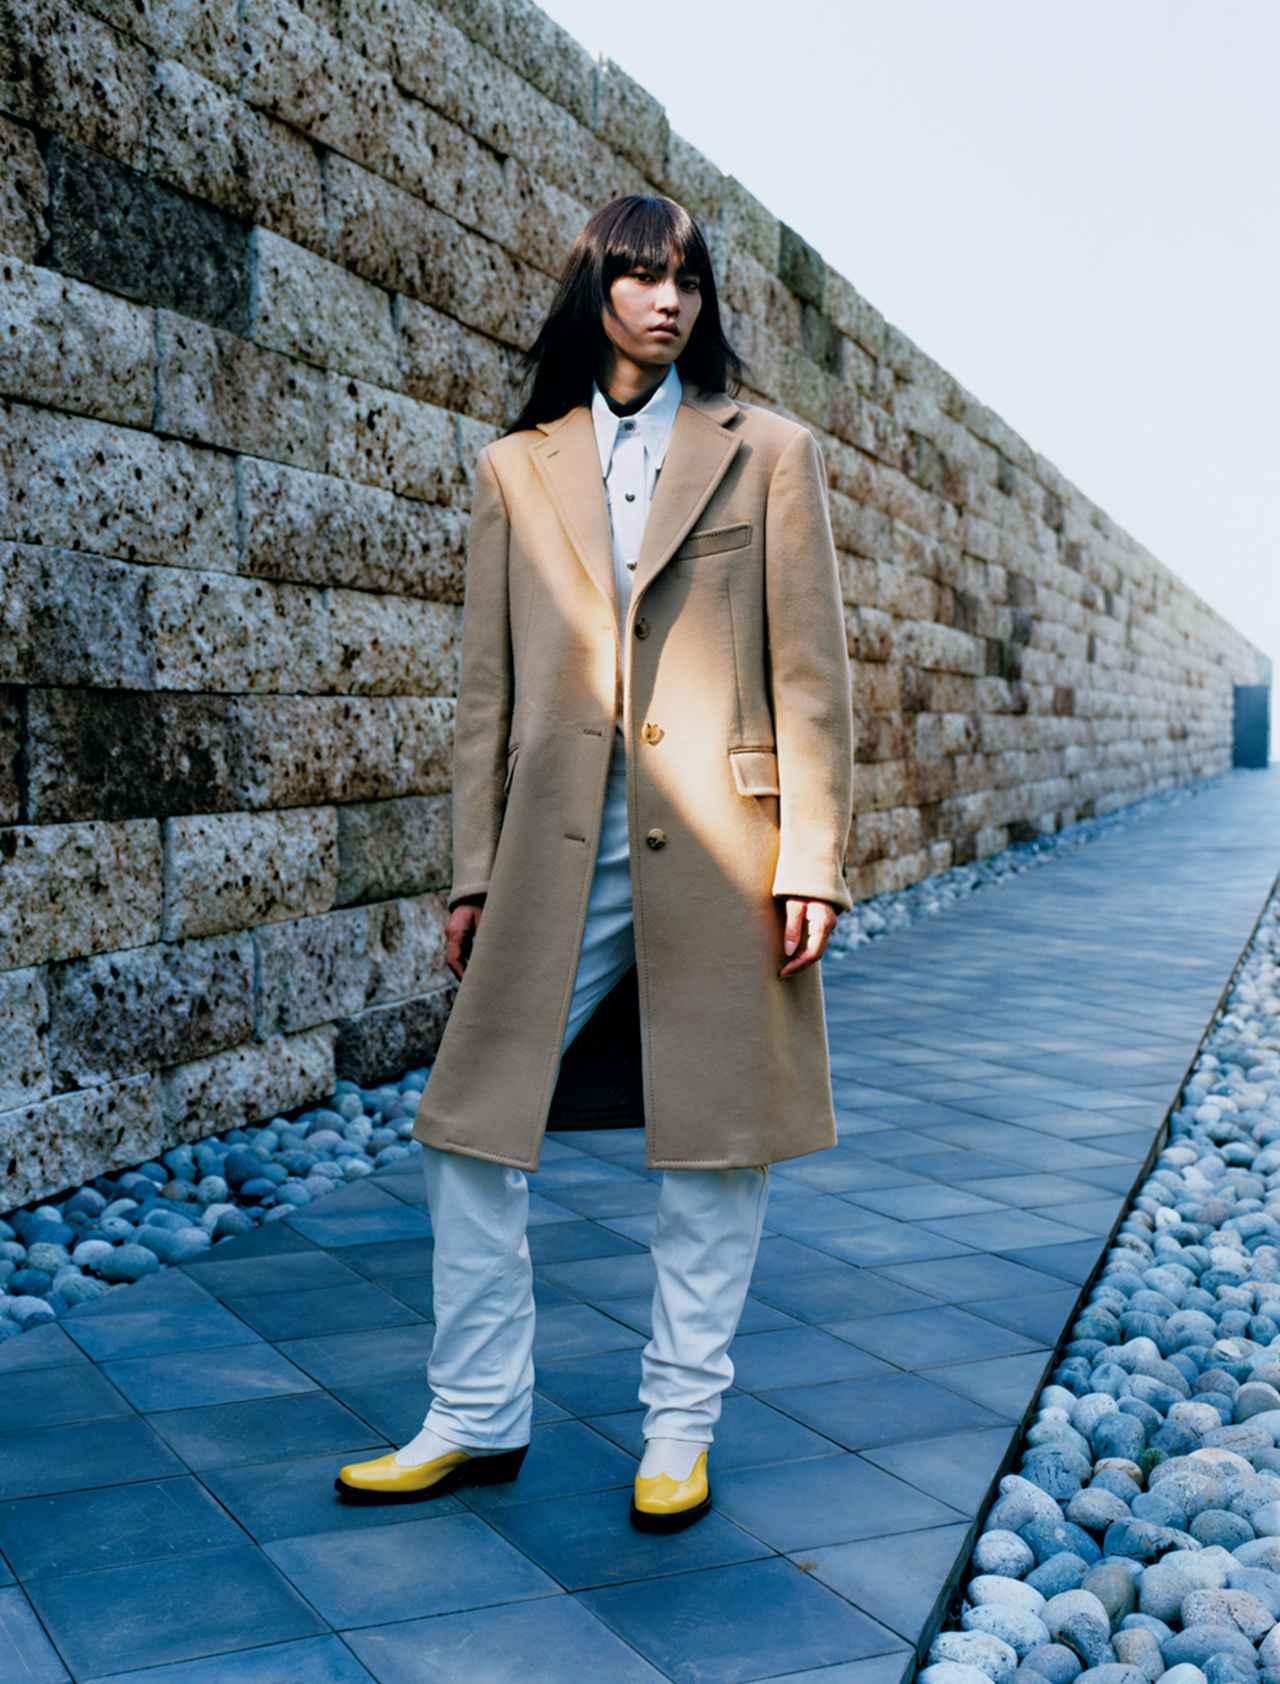 Images : 3番目の画像 - 「時代を超えるファッションと建築」のアルバム - T JAPAN:The New York Times Style Magazine 公式サイト